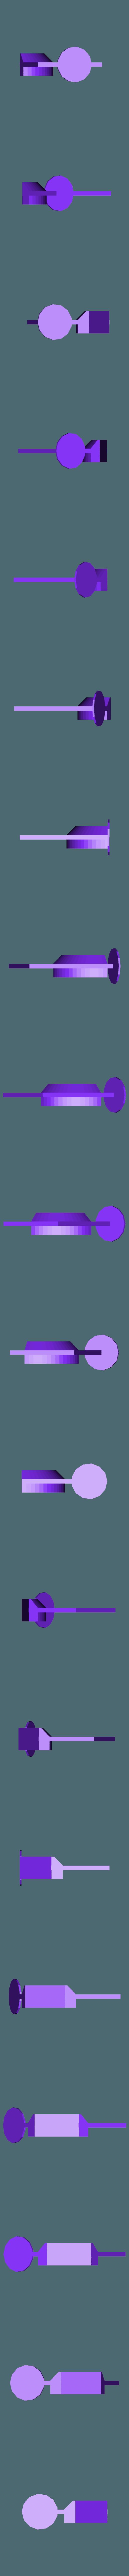 wmTestWing.stl Télécharger fichier SCAD gratuit Moulin à vent en papier (4 ailes dans le moyeu) • Modèle pour imprimante 3D, Wachet